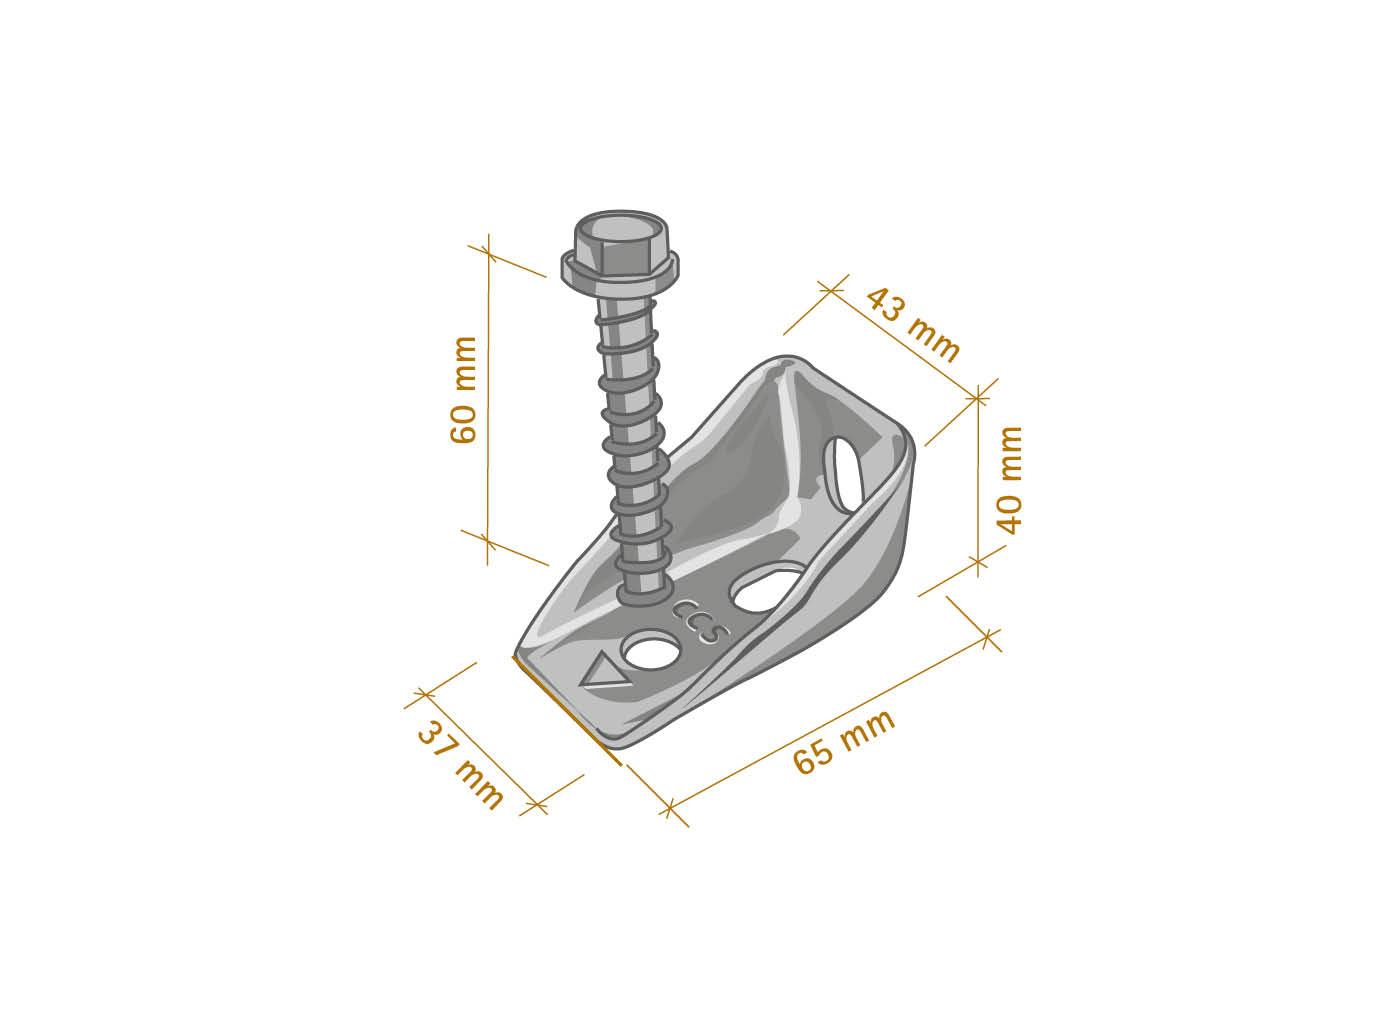 dimensioni-connettore-centrostorico-calcestruzzo-P32-2